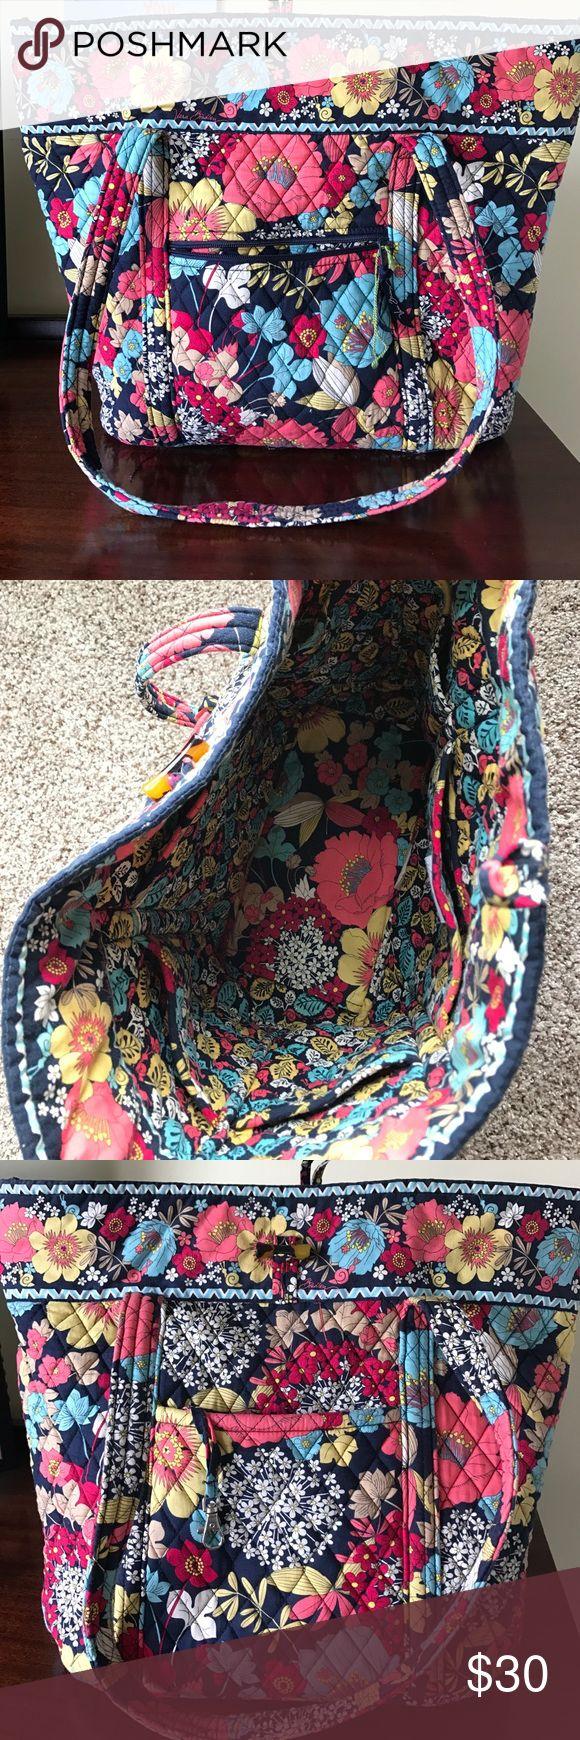 Vera Bradley Tote Bag Excellent condition!! Vera Bradley Bags Totes